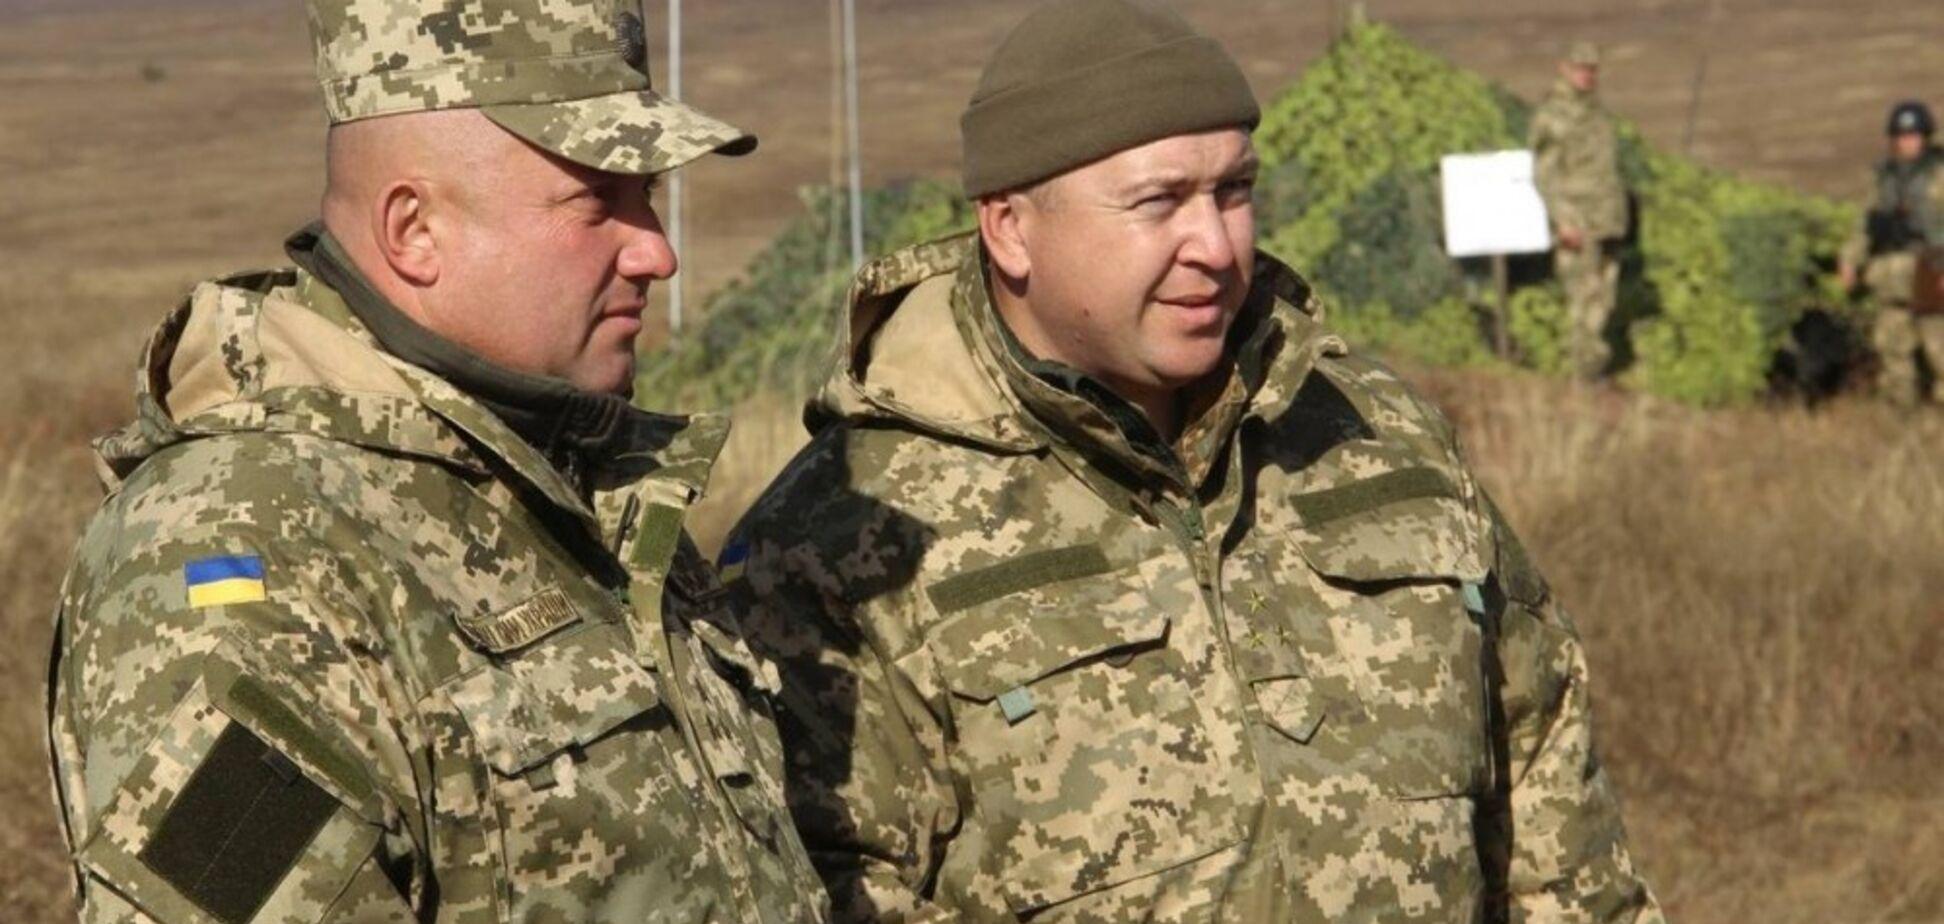 Герои нужны живыми: генерал рассказал о реальной ситуации с перемирием в АТО